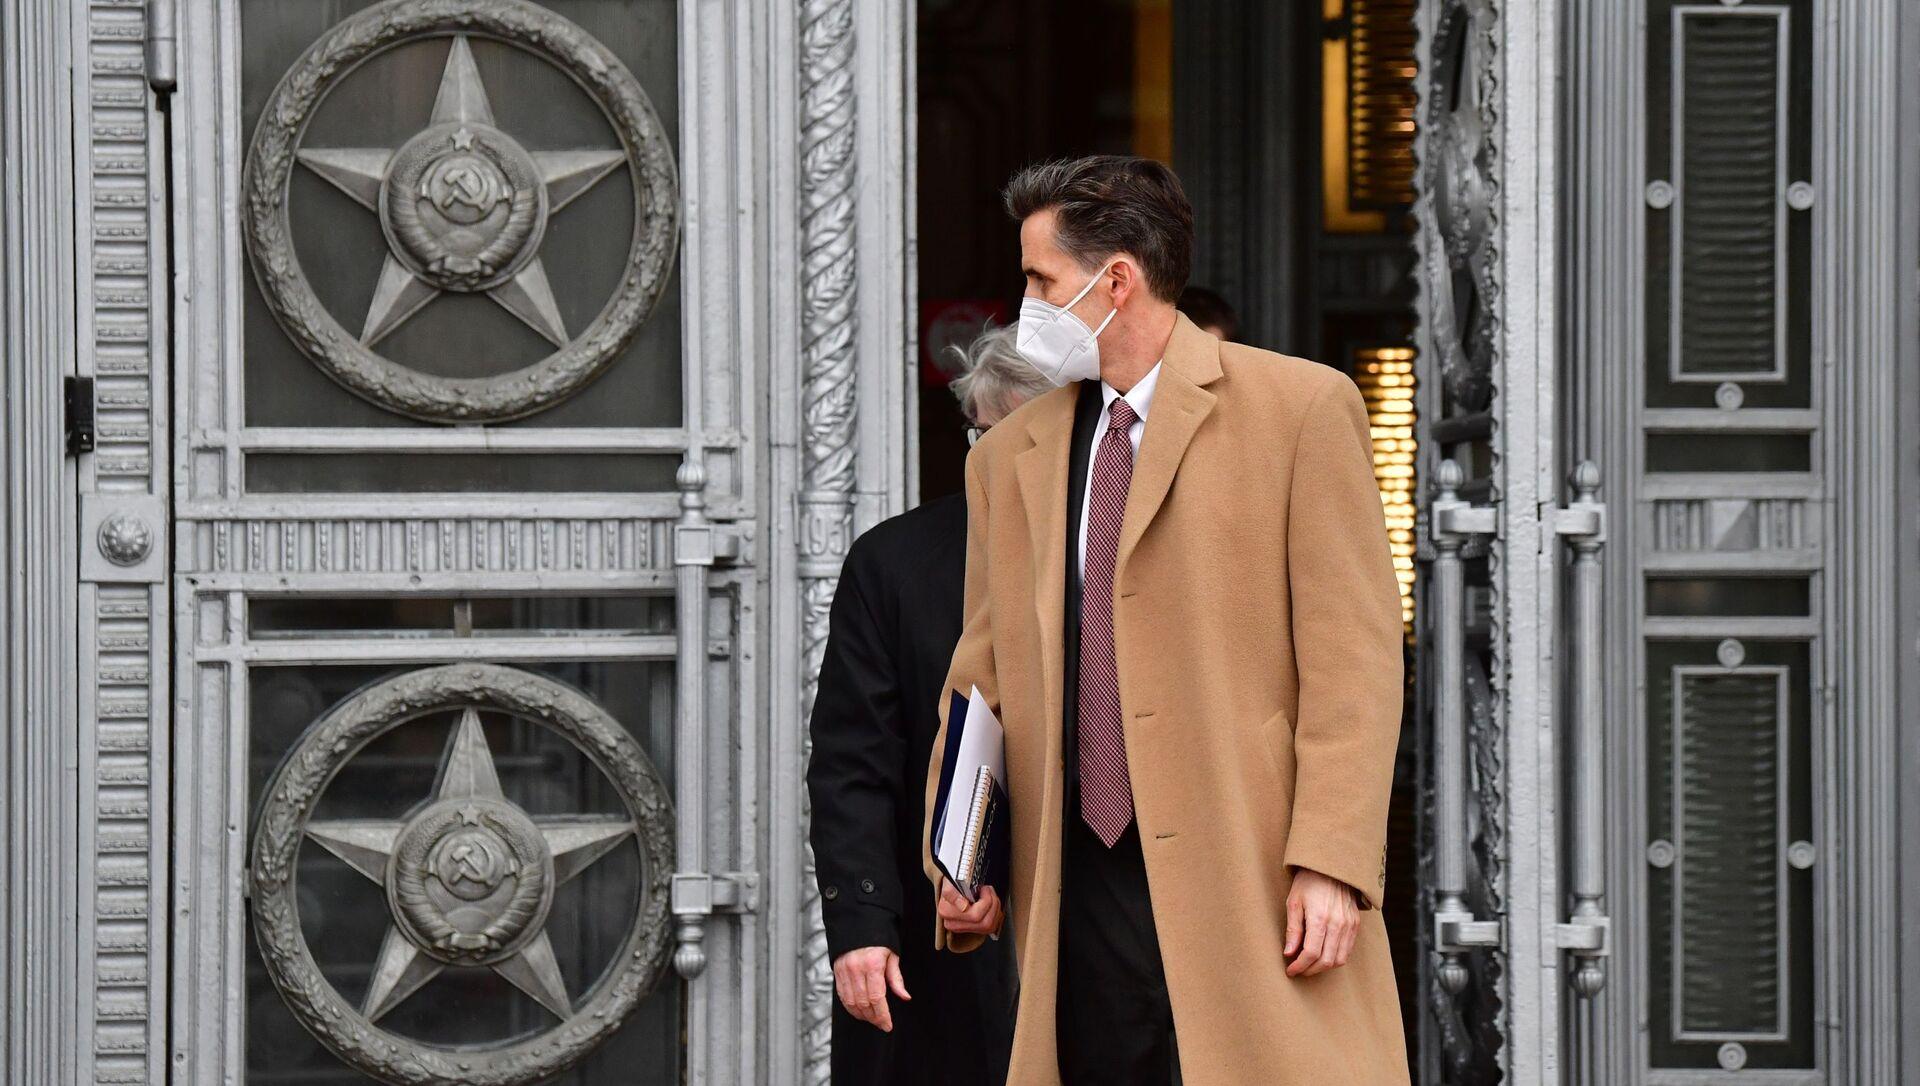 Bart Gorman, zastępca szefa ambasady USA w Moskwie, wychodzi z budynku Ministerstwa Spraw Zagranicznych w Moskwie - Sputnik Polska, 1920, 21.04.2021